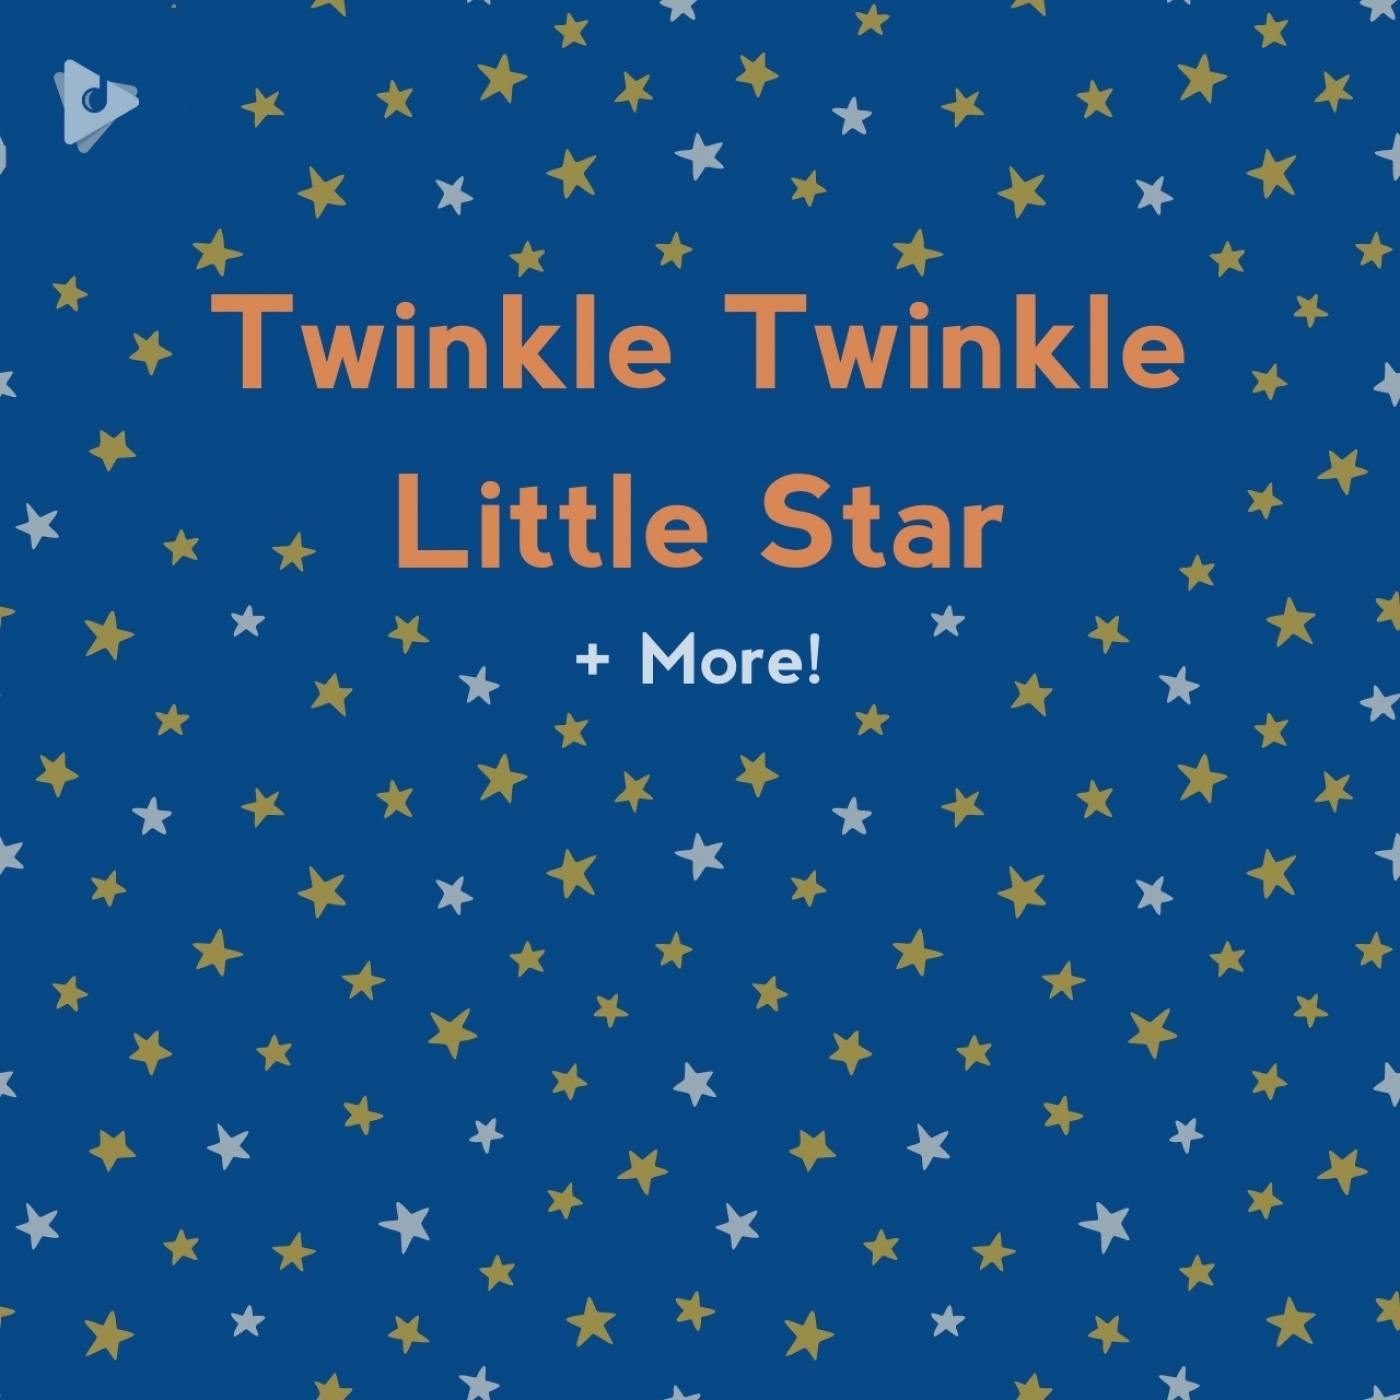 Twinkle Twinkle Little Star + More!